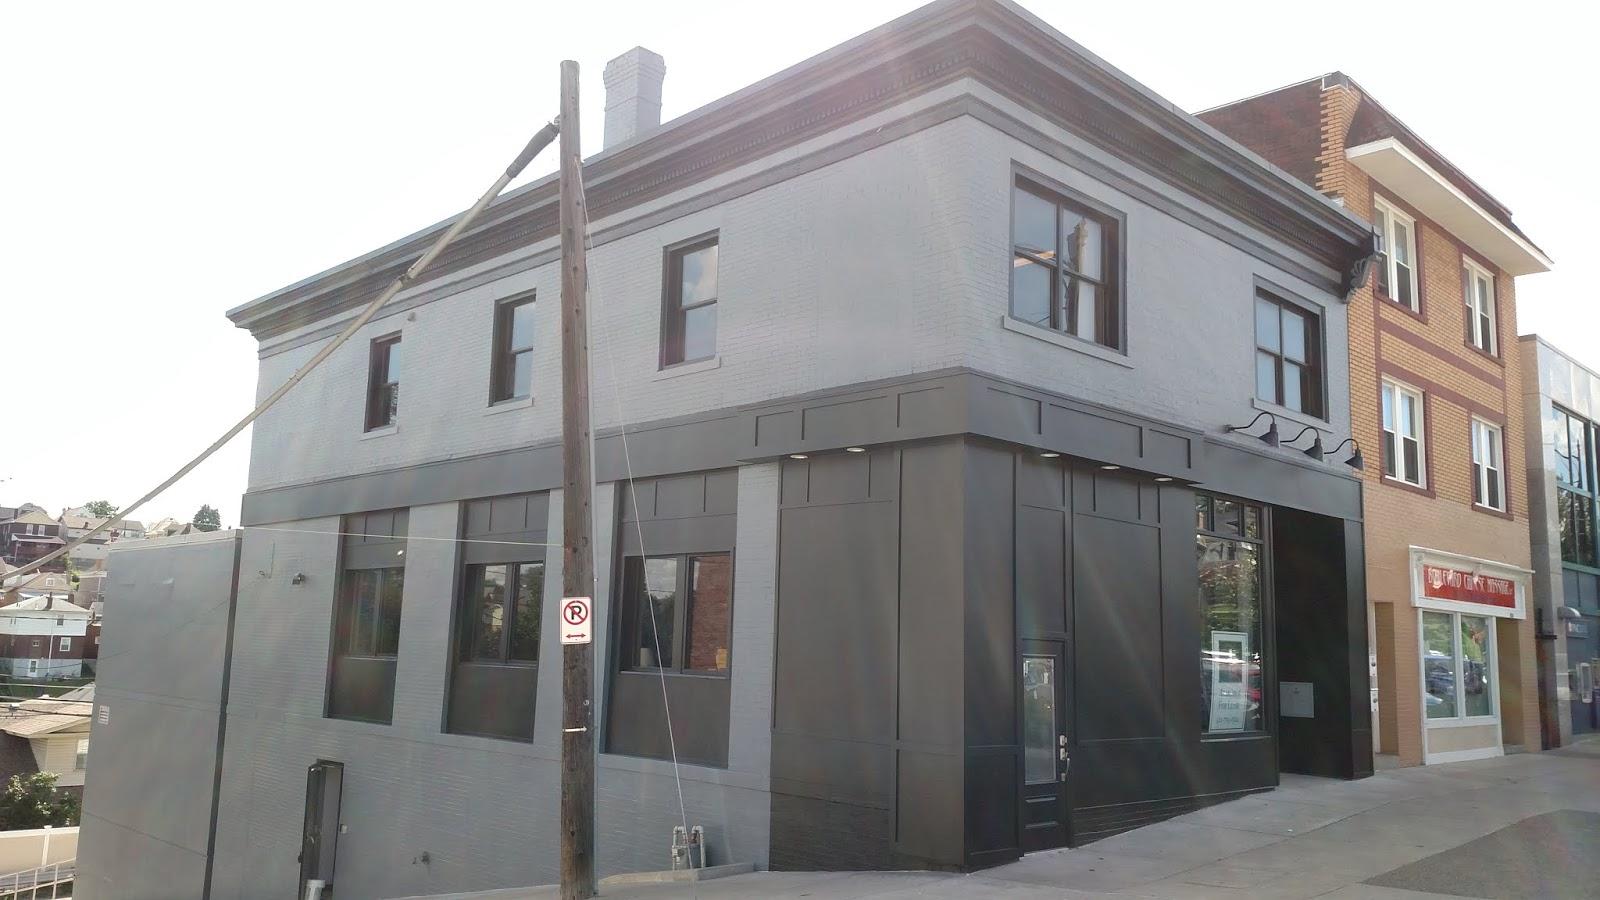 Brookline Exterior Renovation